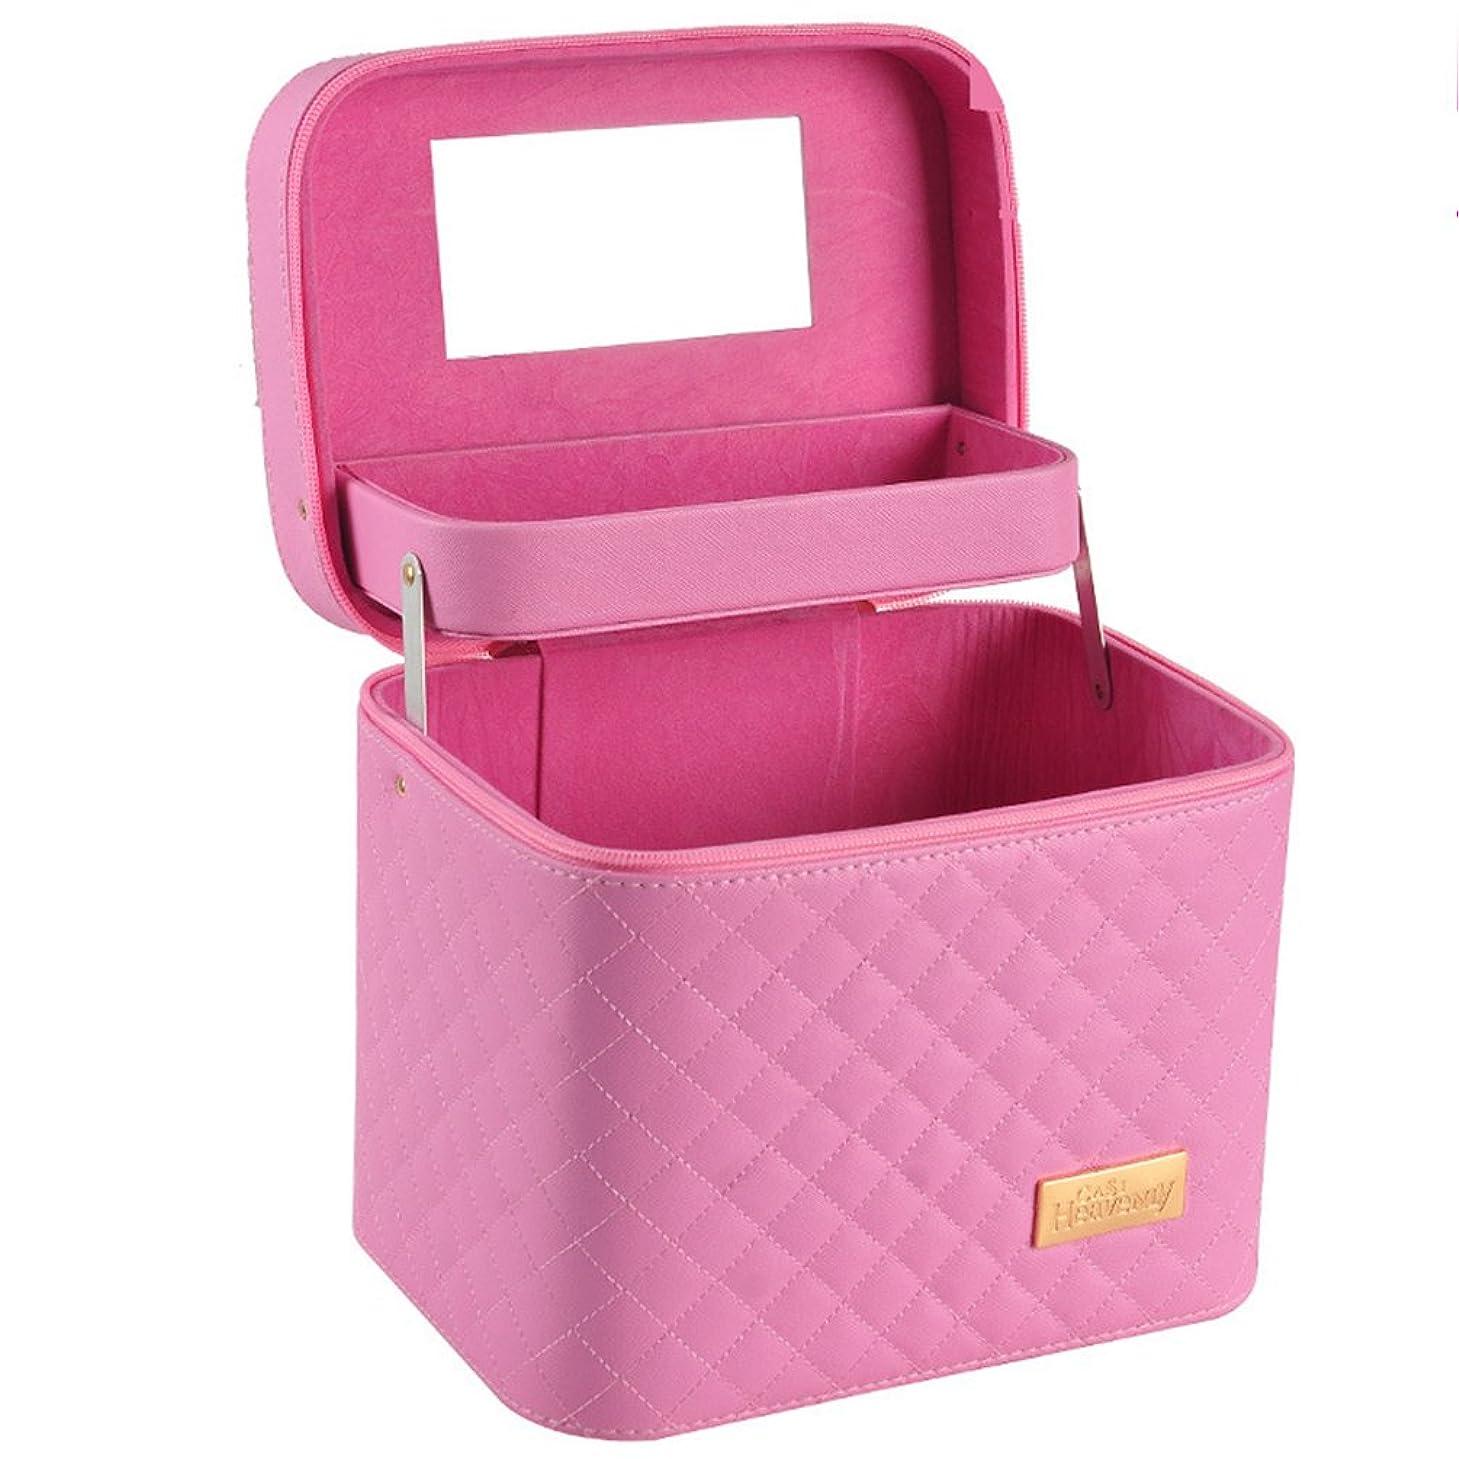 平野道徳レベルメイクボックス コスメボックス コスメBOX 大容量 収納ボックス 二層 2段タイプ 化粧ポーチ メイクポーチ 携帯便利 女性用 女の子 ミラー付き 化粧品 取っ手付き おしゃれ 鏡付き 機能的 防水 化粧箱